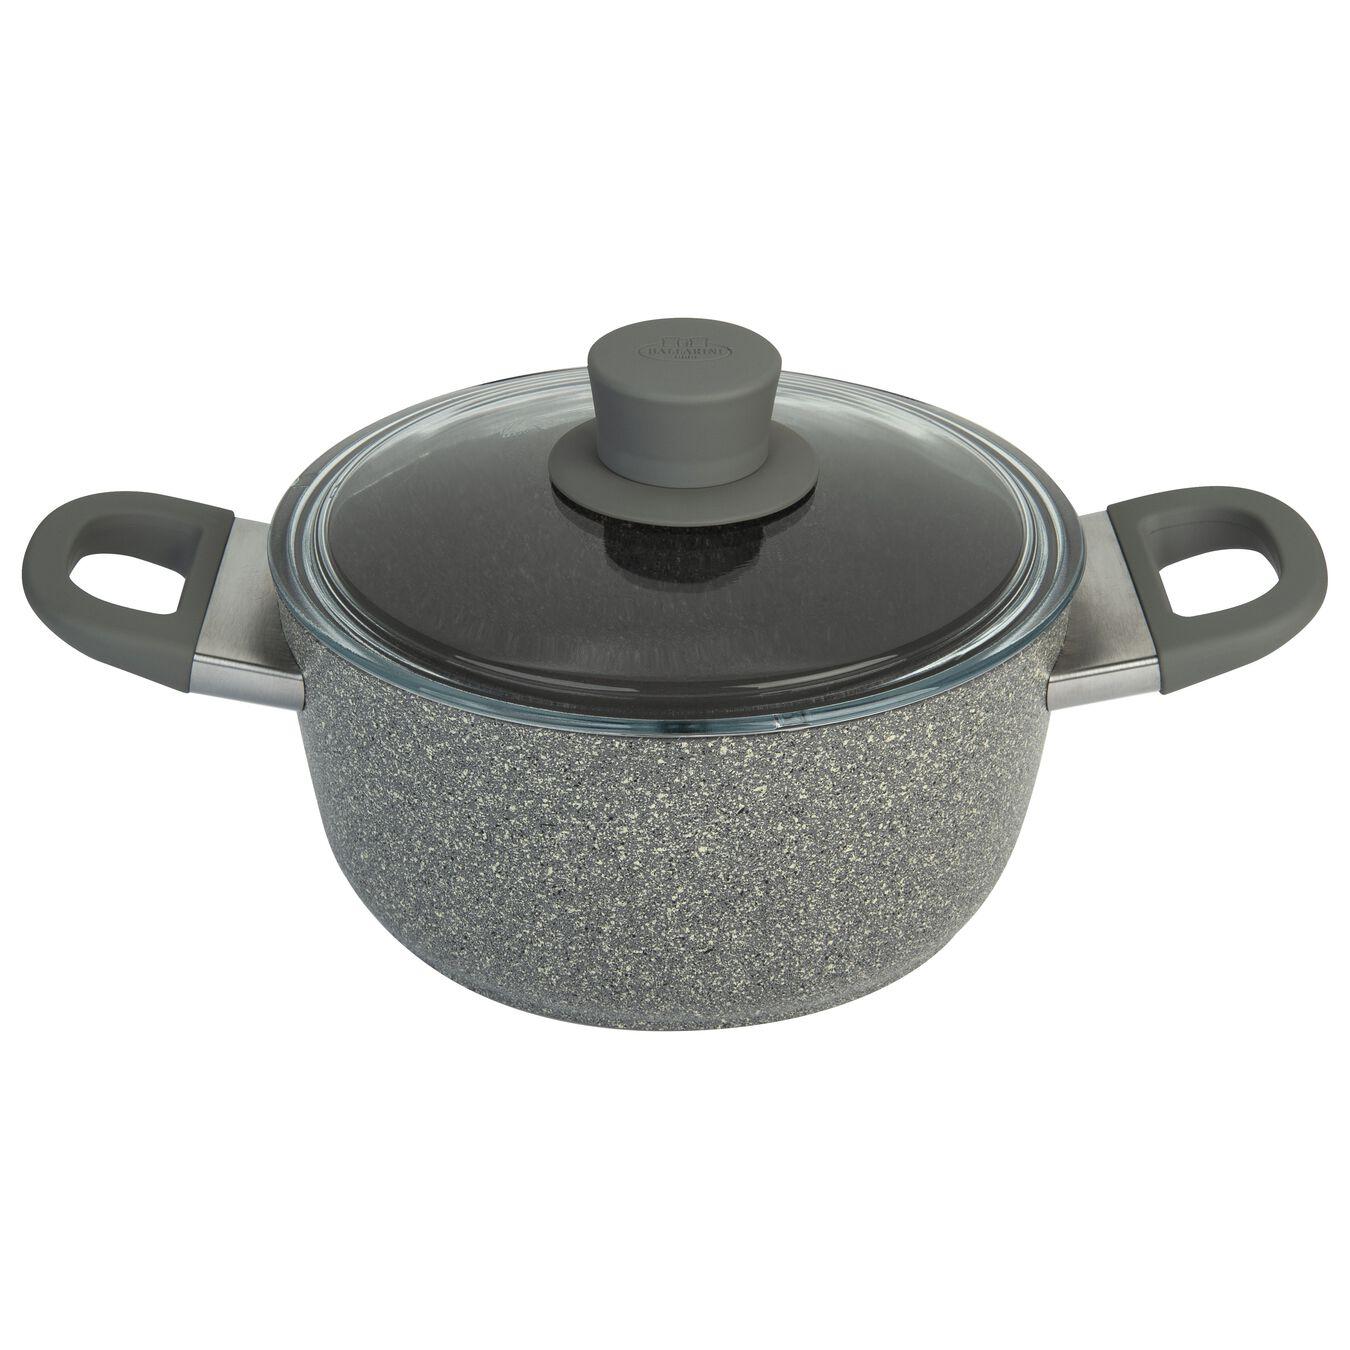 Casseruola - 16 cm, alluminio, Granitium Extreme,,large 1